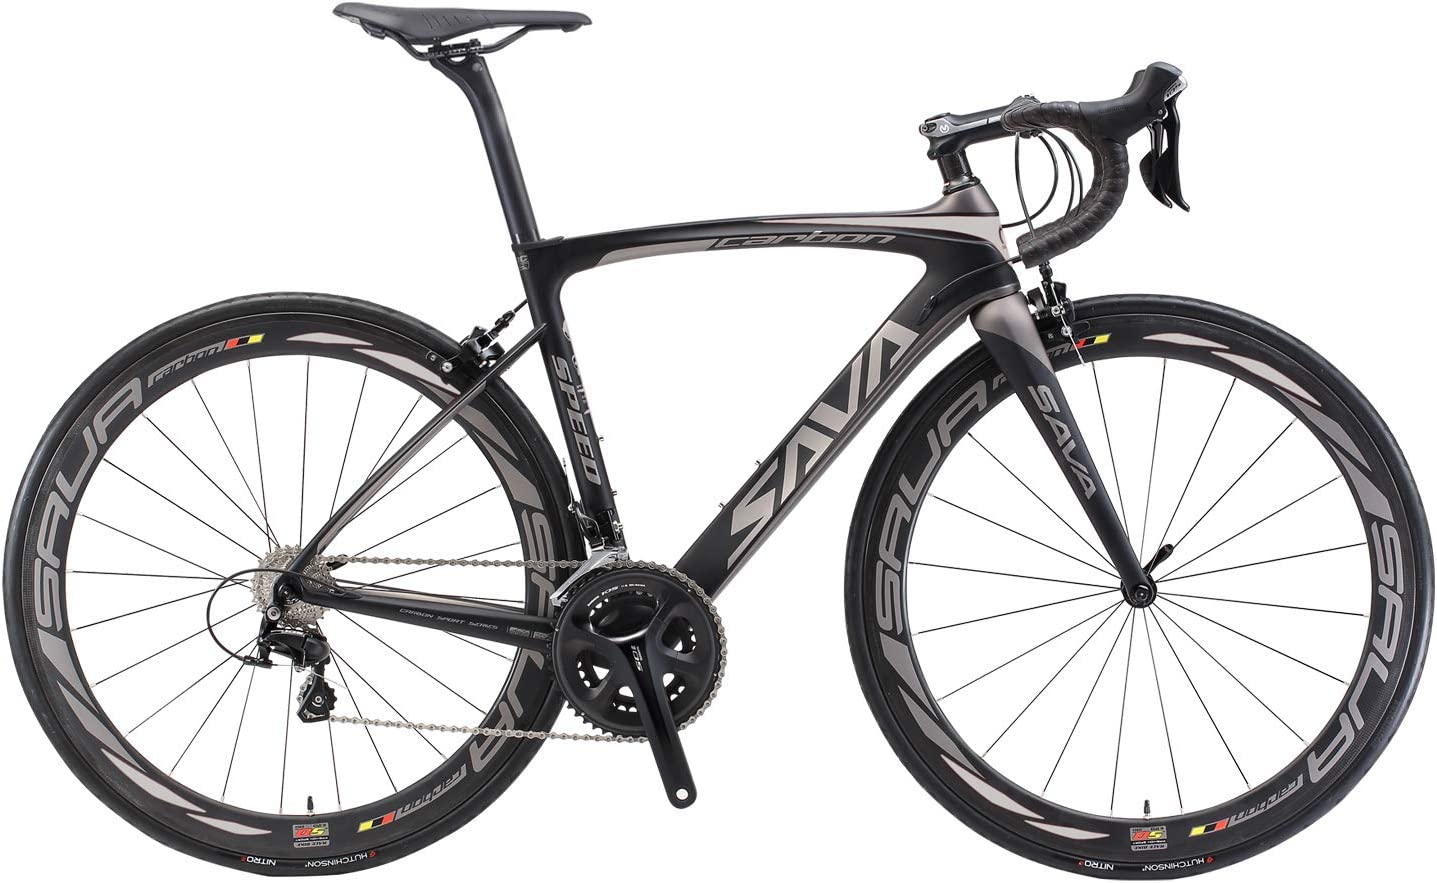 SAVADECK HERD6.0 700C Bicicleta de Carretera de Fibra de Carbono Shimano 105 R7000 22S Sistema de transmisión Michelin Neumático Fizi:k Sillín: Amazon.es: Deportes y aire libre